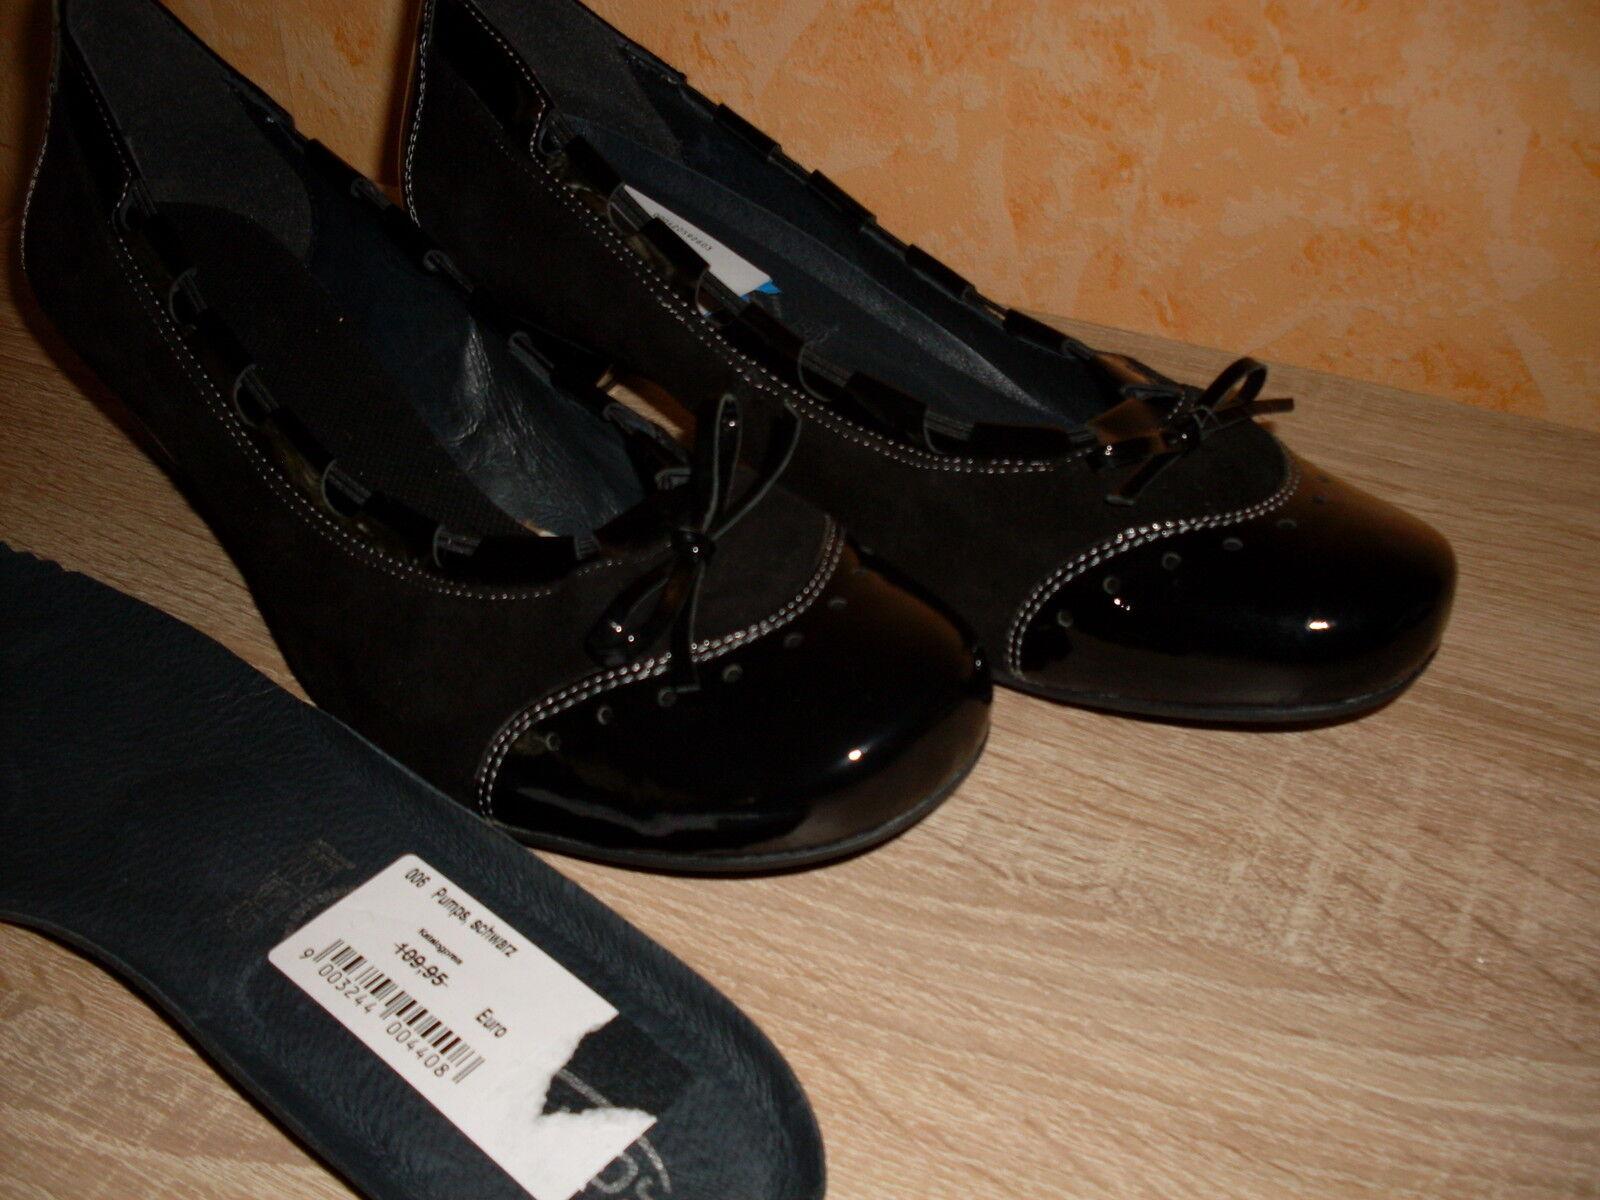 Bequeme Softwaves Pumps Damenschuh NEU Gr. 41 in schwarz Lack & Leder